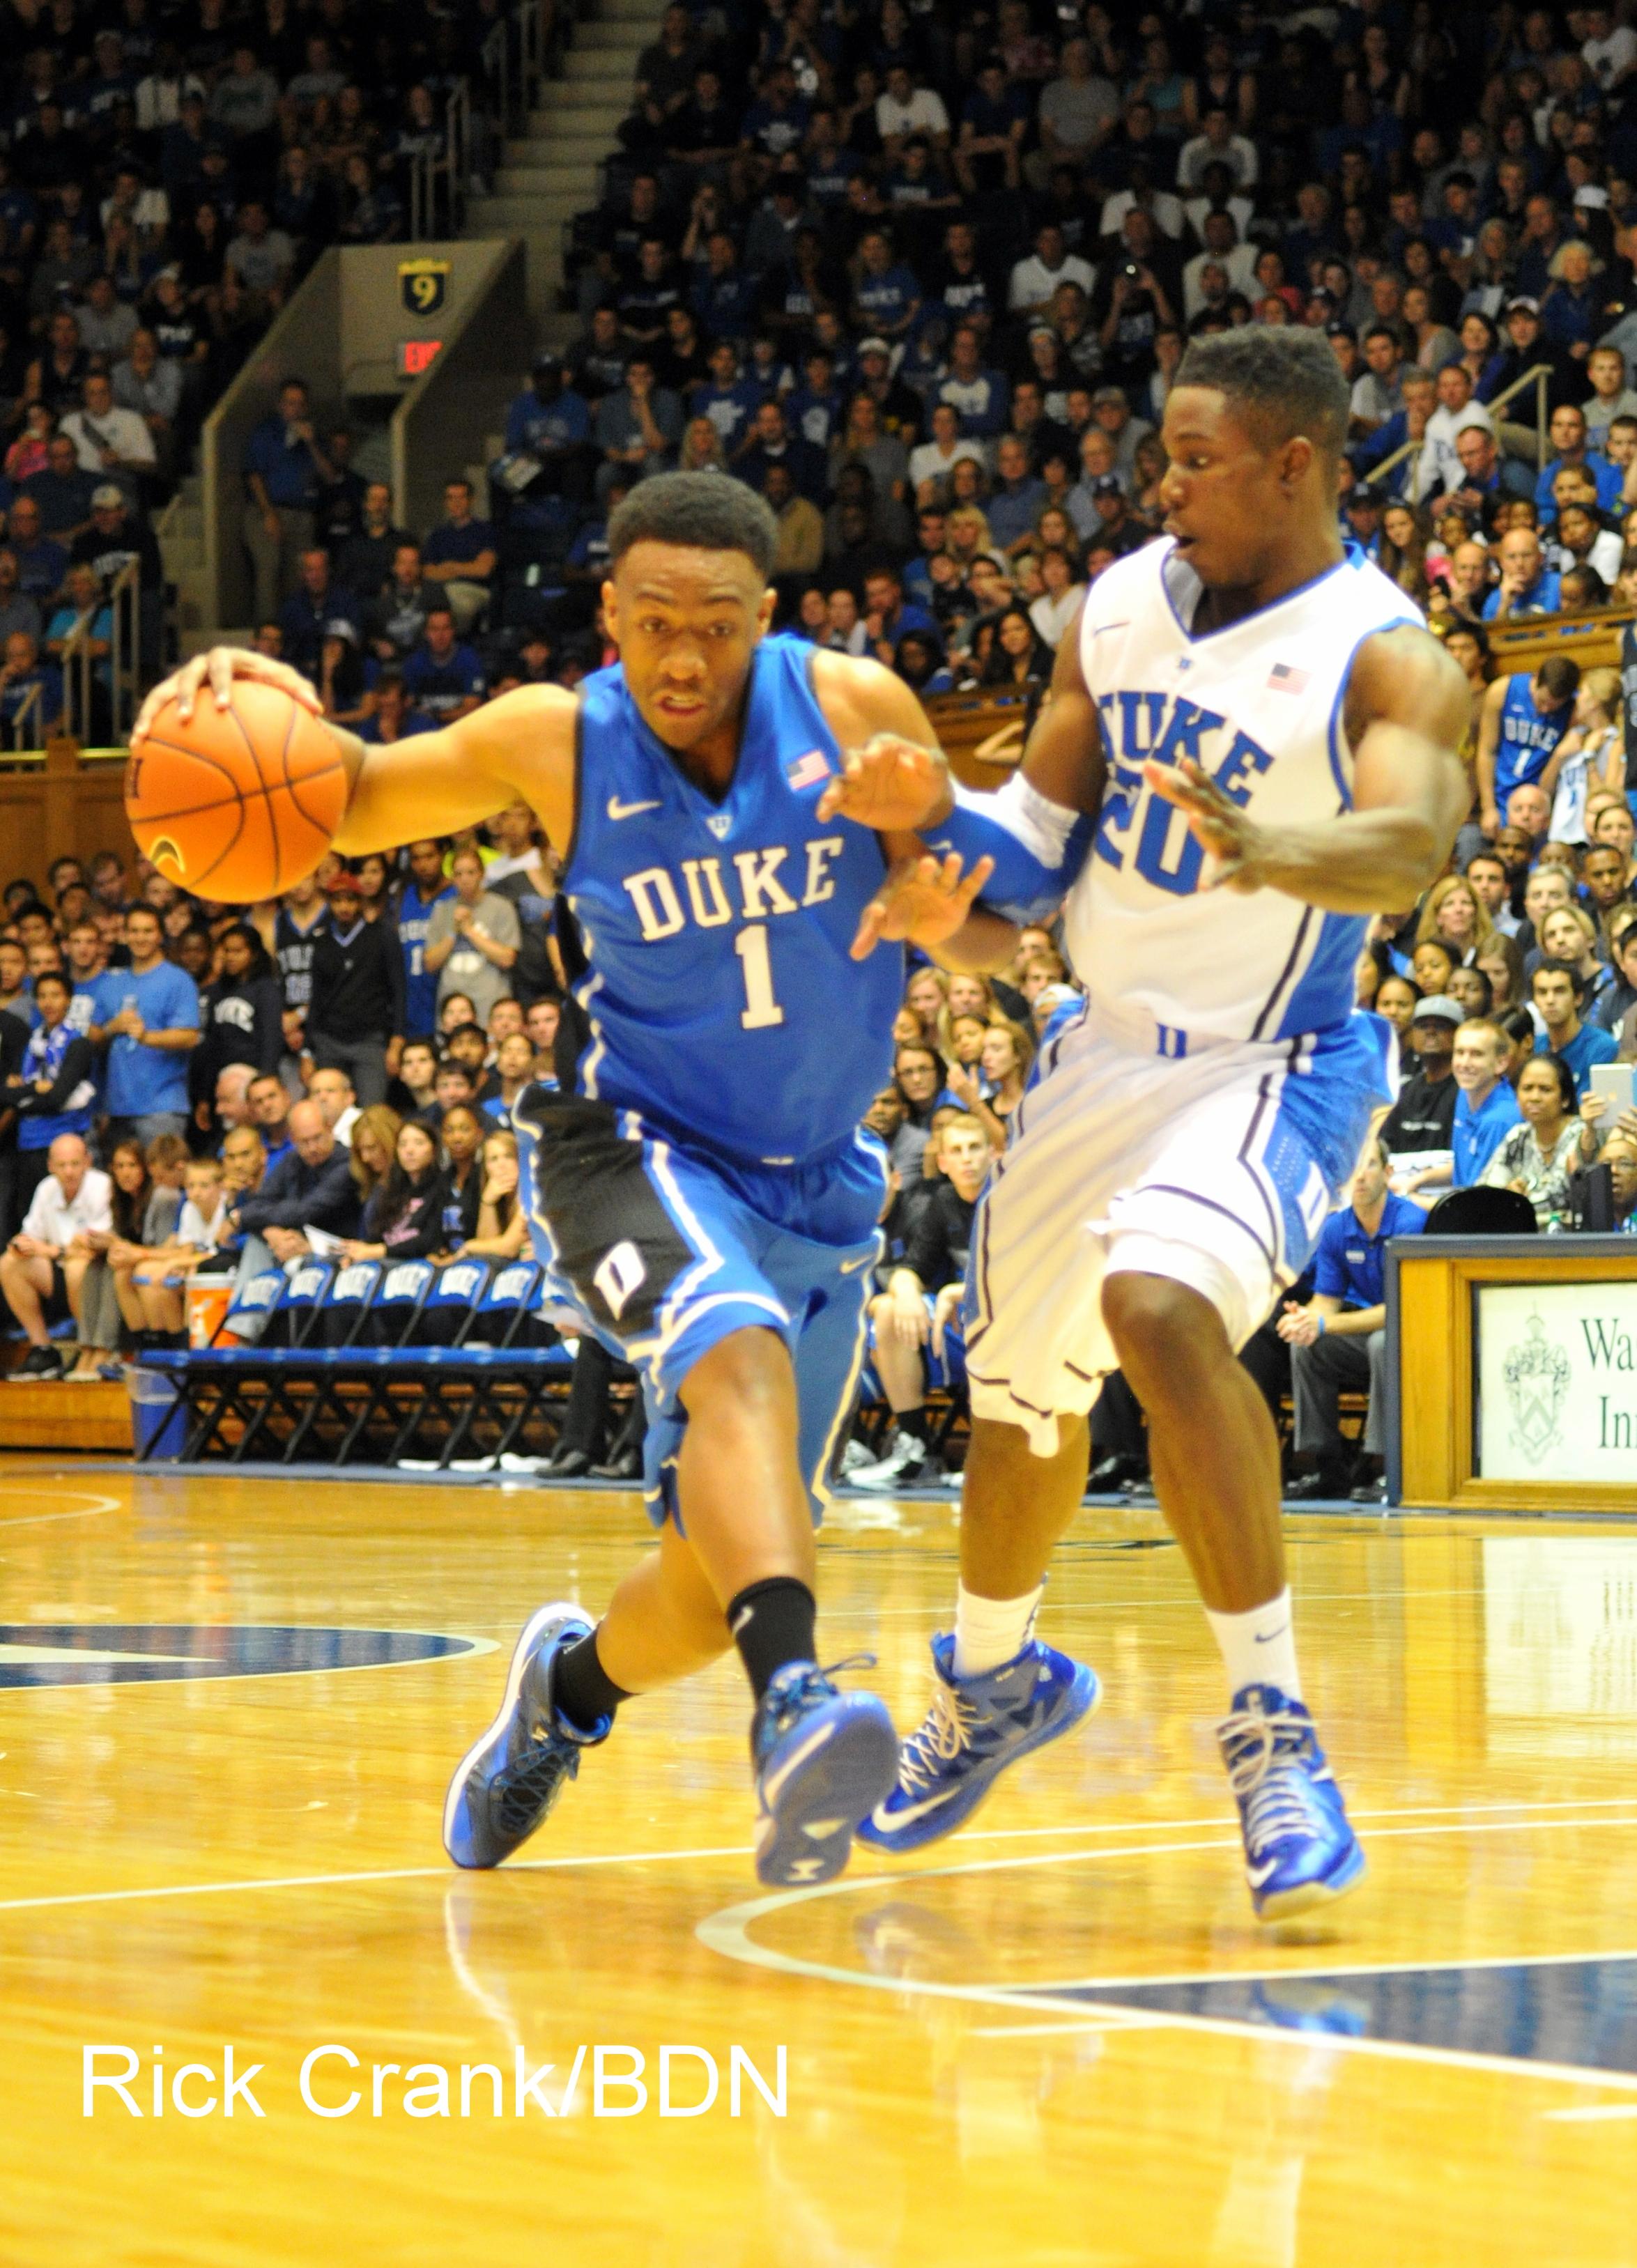 Duke Wallpaper Jabari Parker | www.imgkid.com - The Image ...